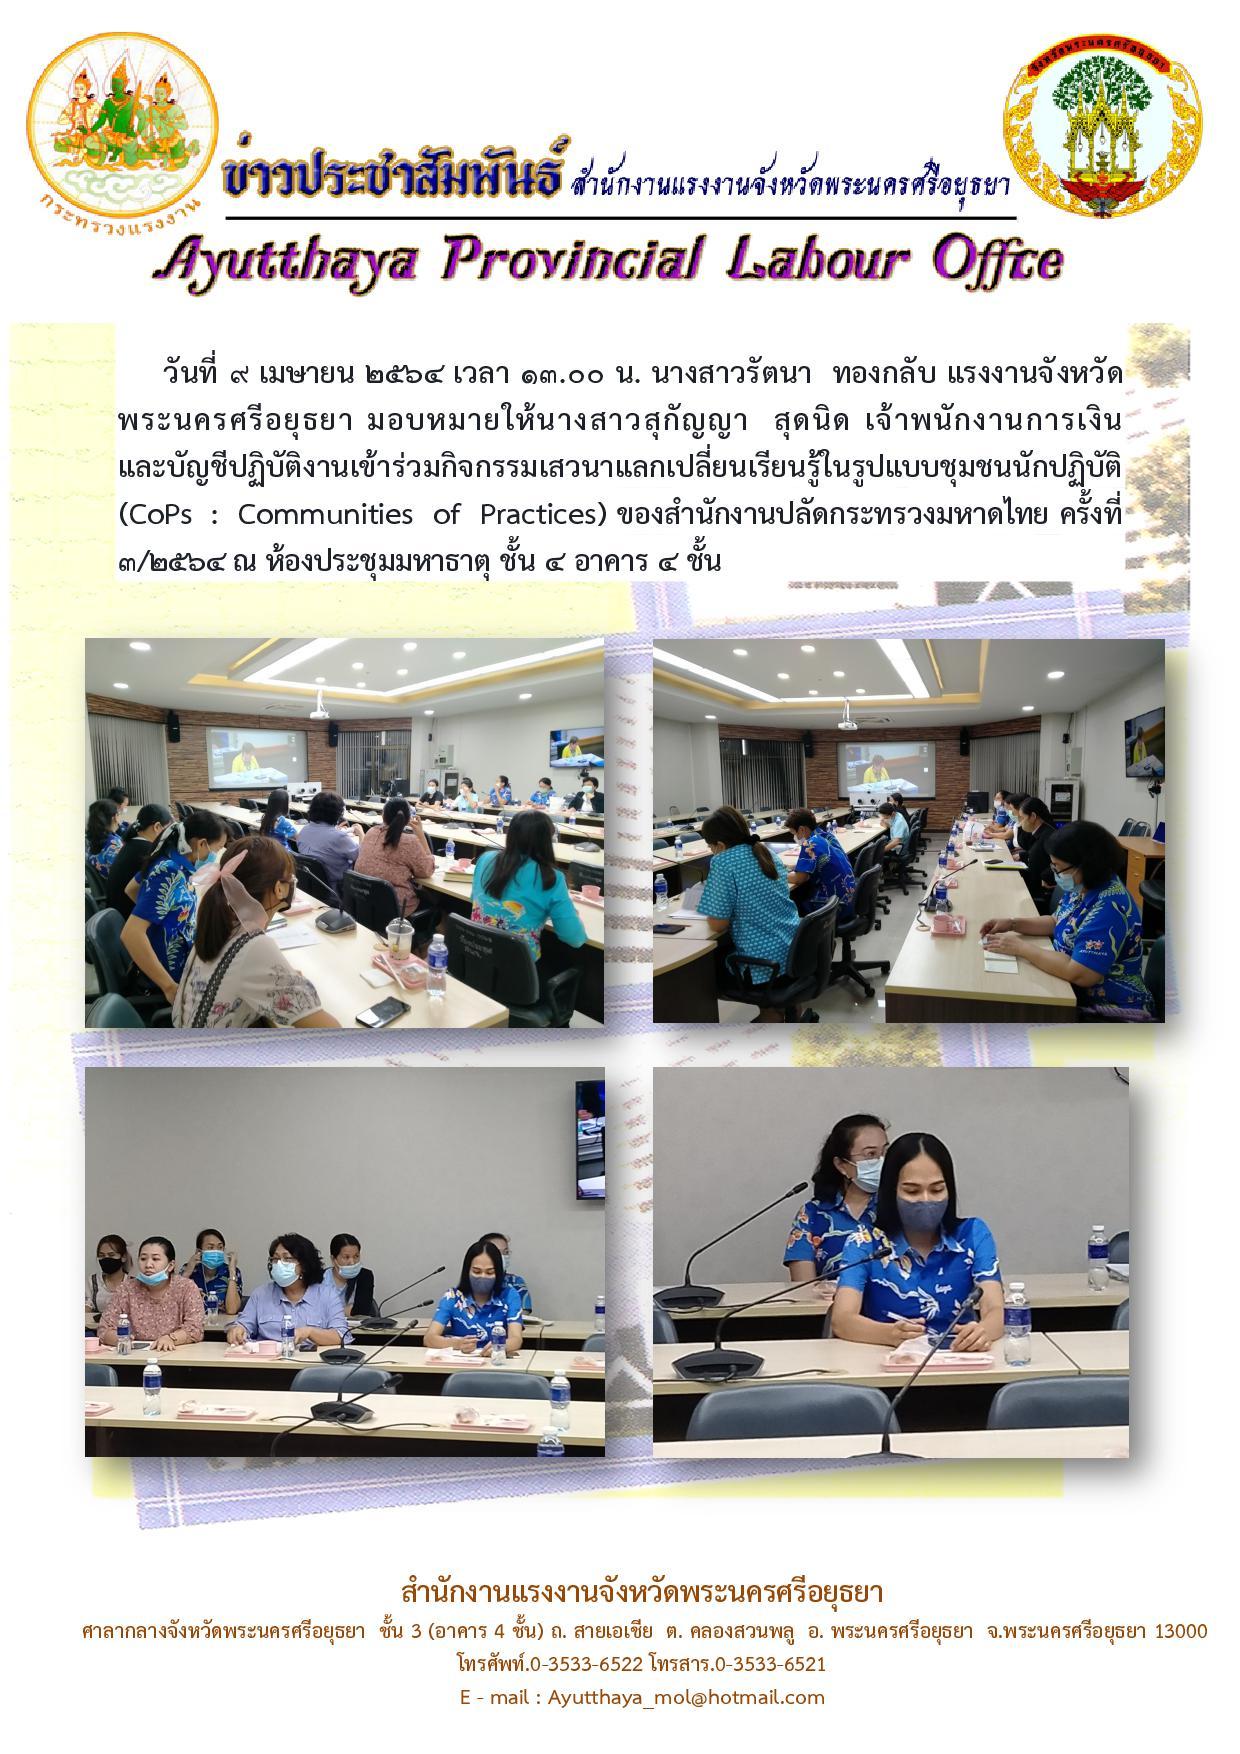 สำนักงานแรงงานจังหวัดพระนครศรีอยุธยา ร่วมกิจกรรมเสวนาแลกเปลี่ยนเรียนรู้ในรูปแบบชุมชนนักปฏิบัติ (CoPs : Communities of Practices) ของสำนักงานปลัดกระทรวงมหาดไทย ครั้งที่3/2564